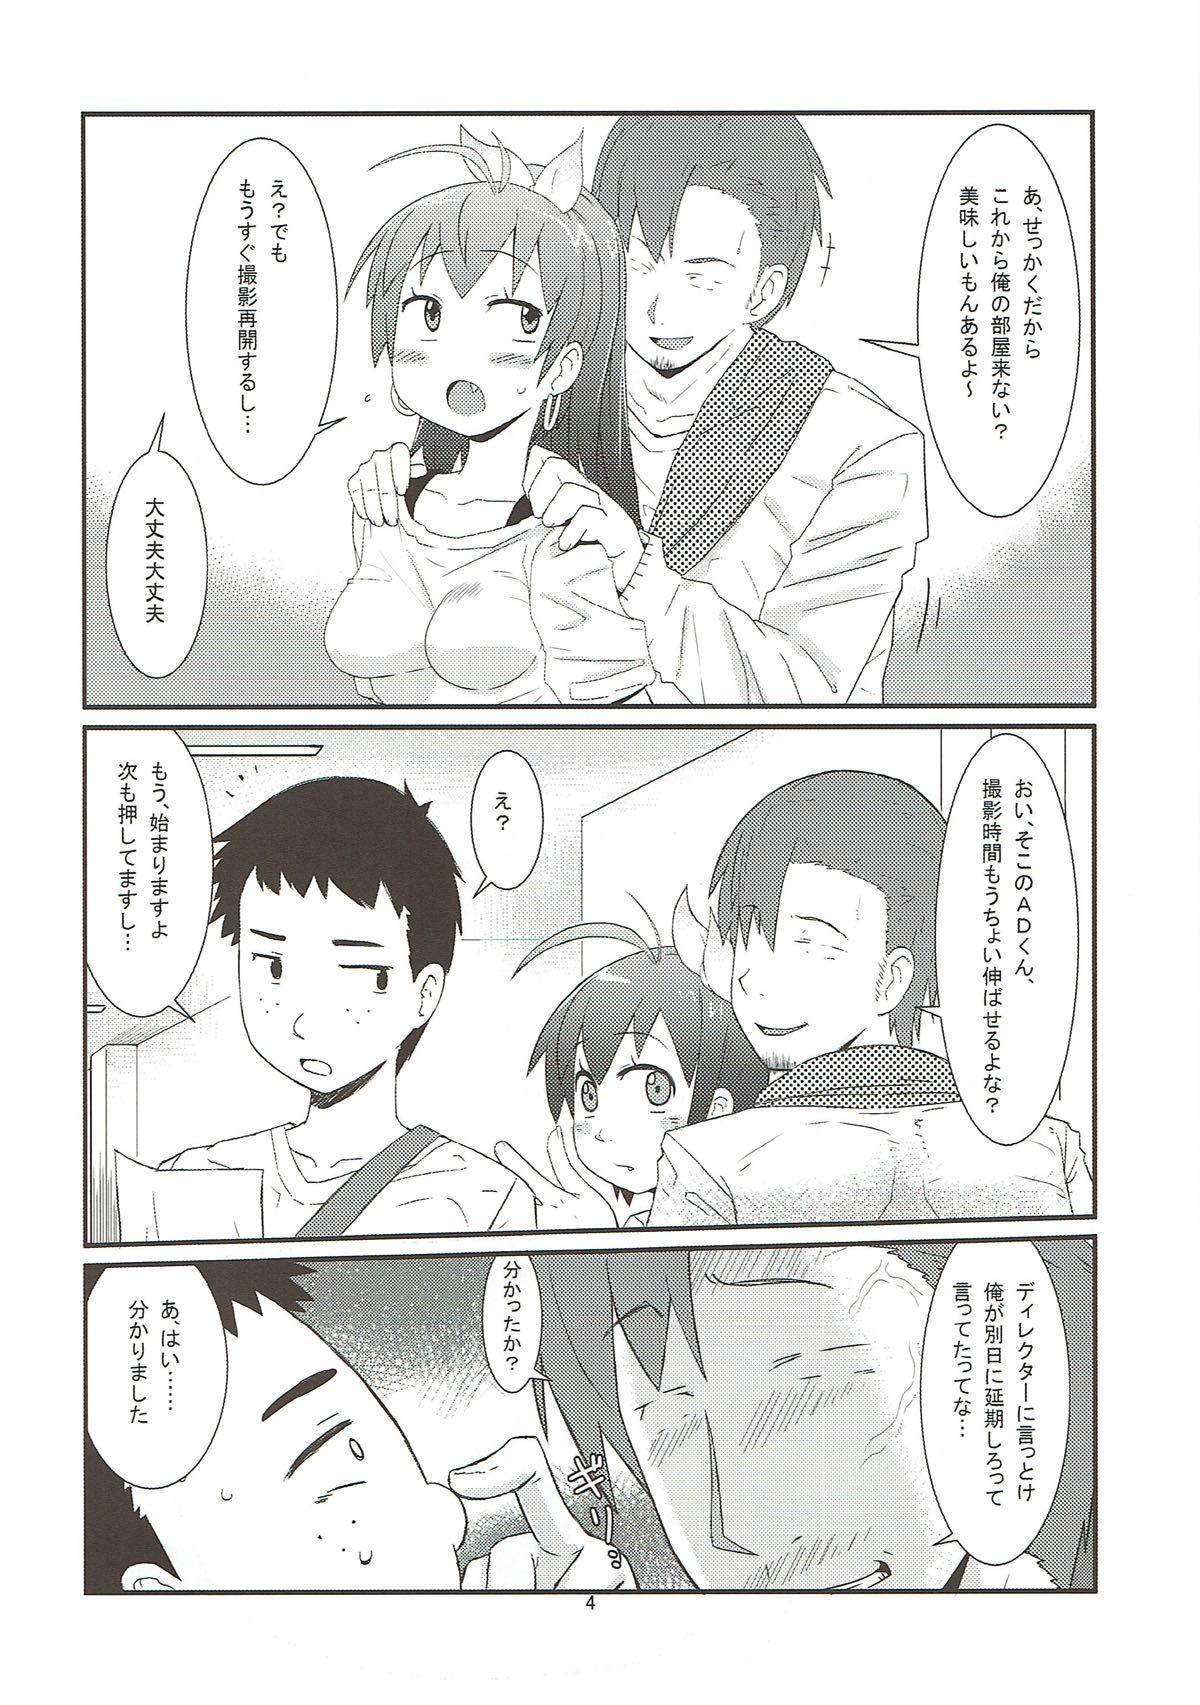 Hibiki no Jijou 4